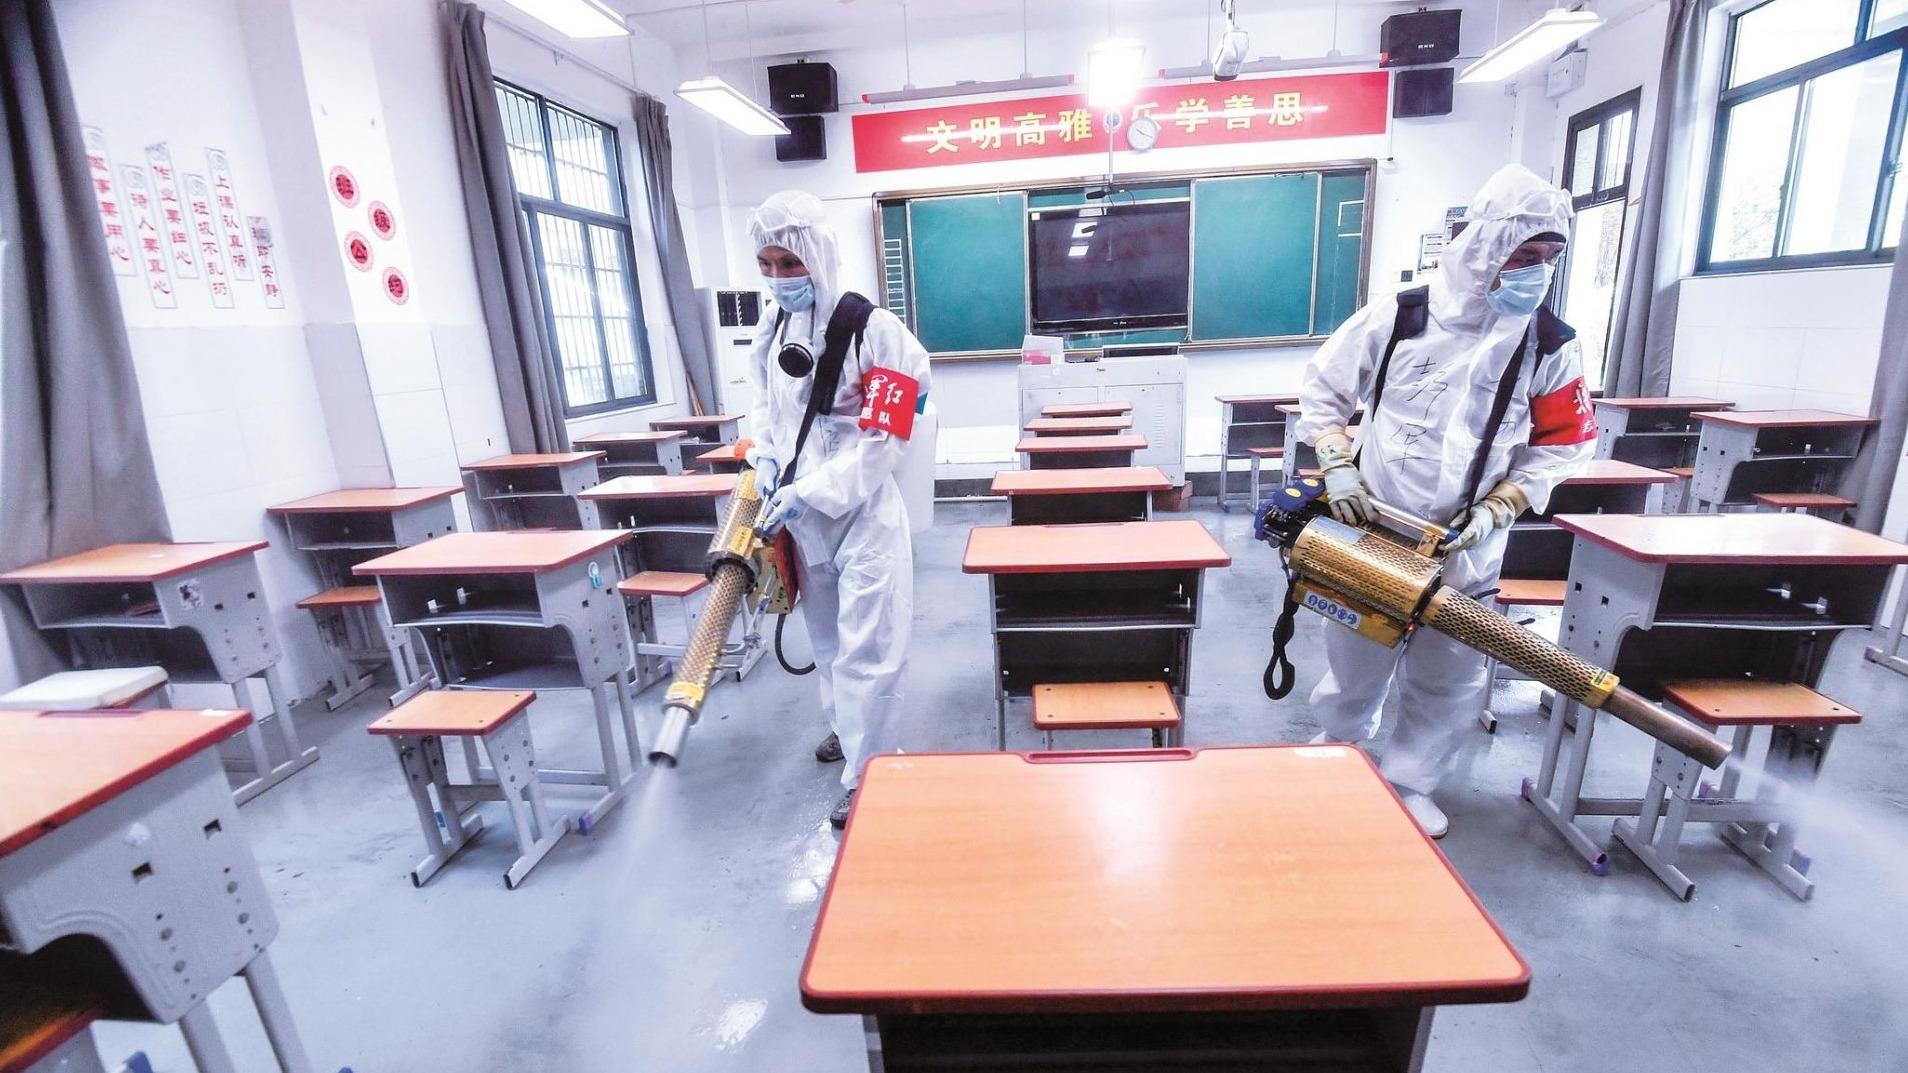 武汉高三年级5月6日统一开学 中小学复课后将缩短暑假时间